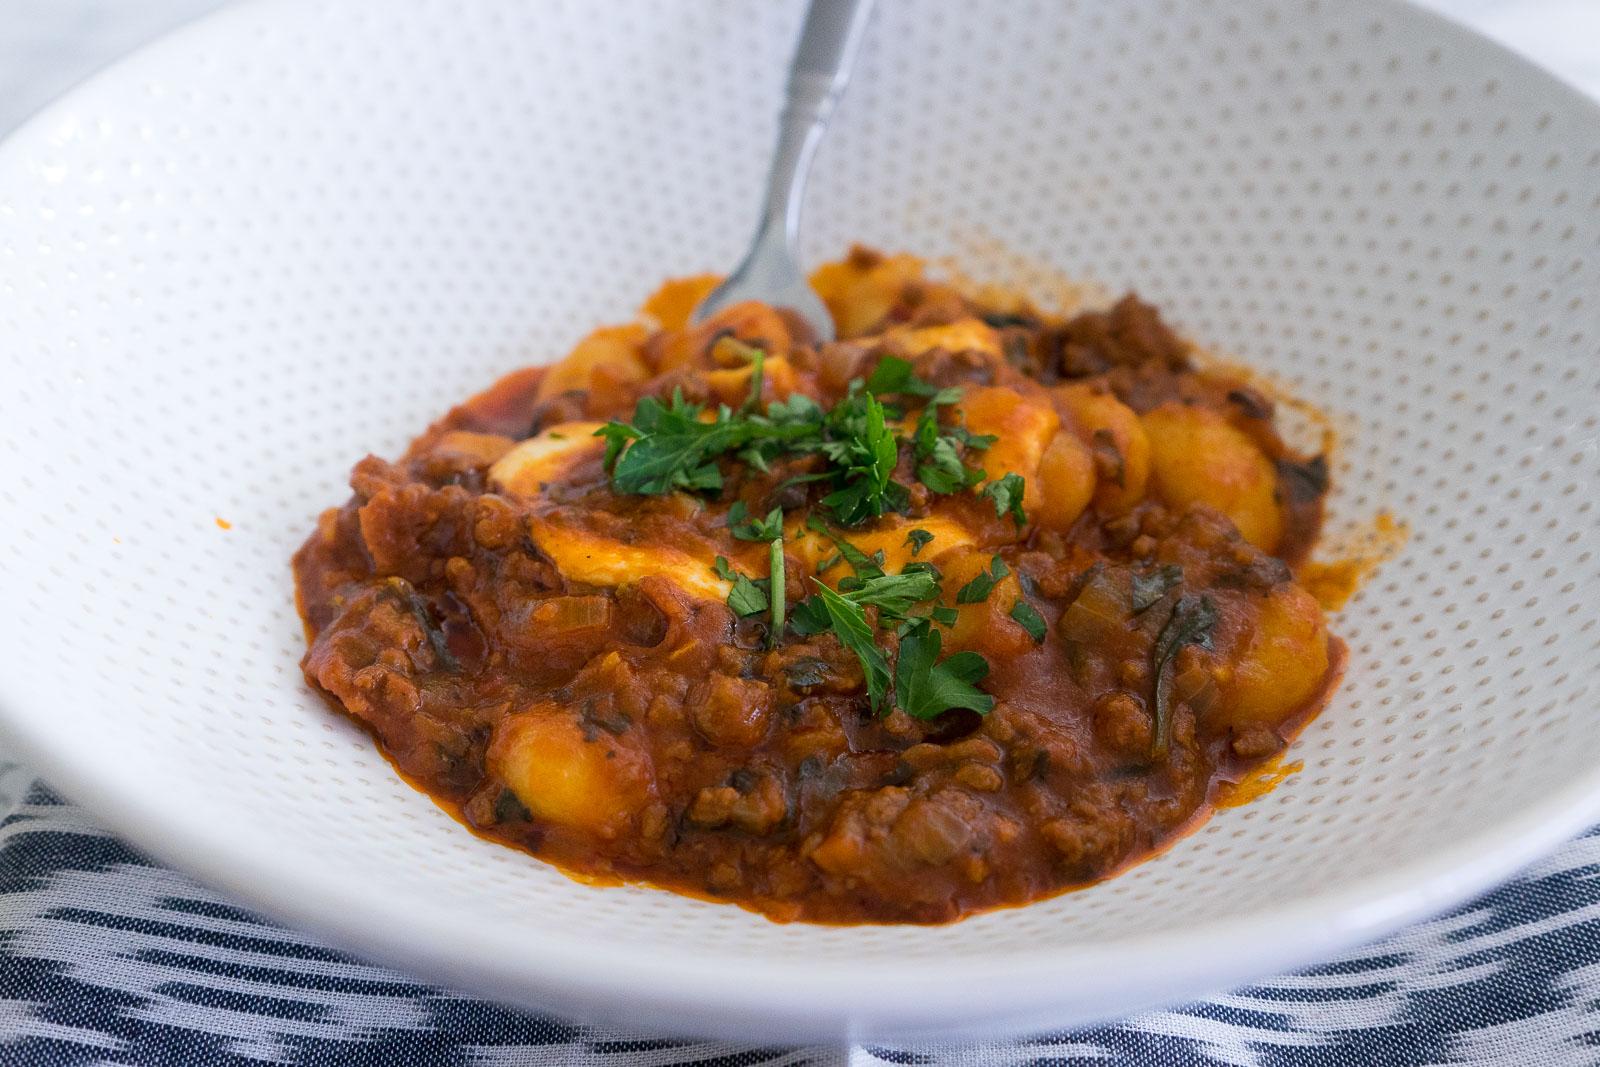 gnoochi-bake-recipe-casa-de-fallon-recipe-17.jpg